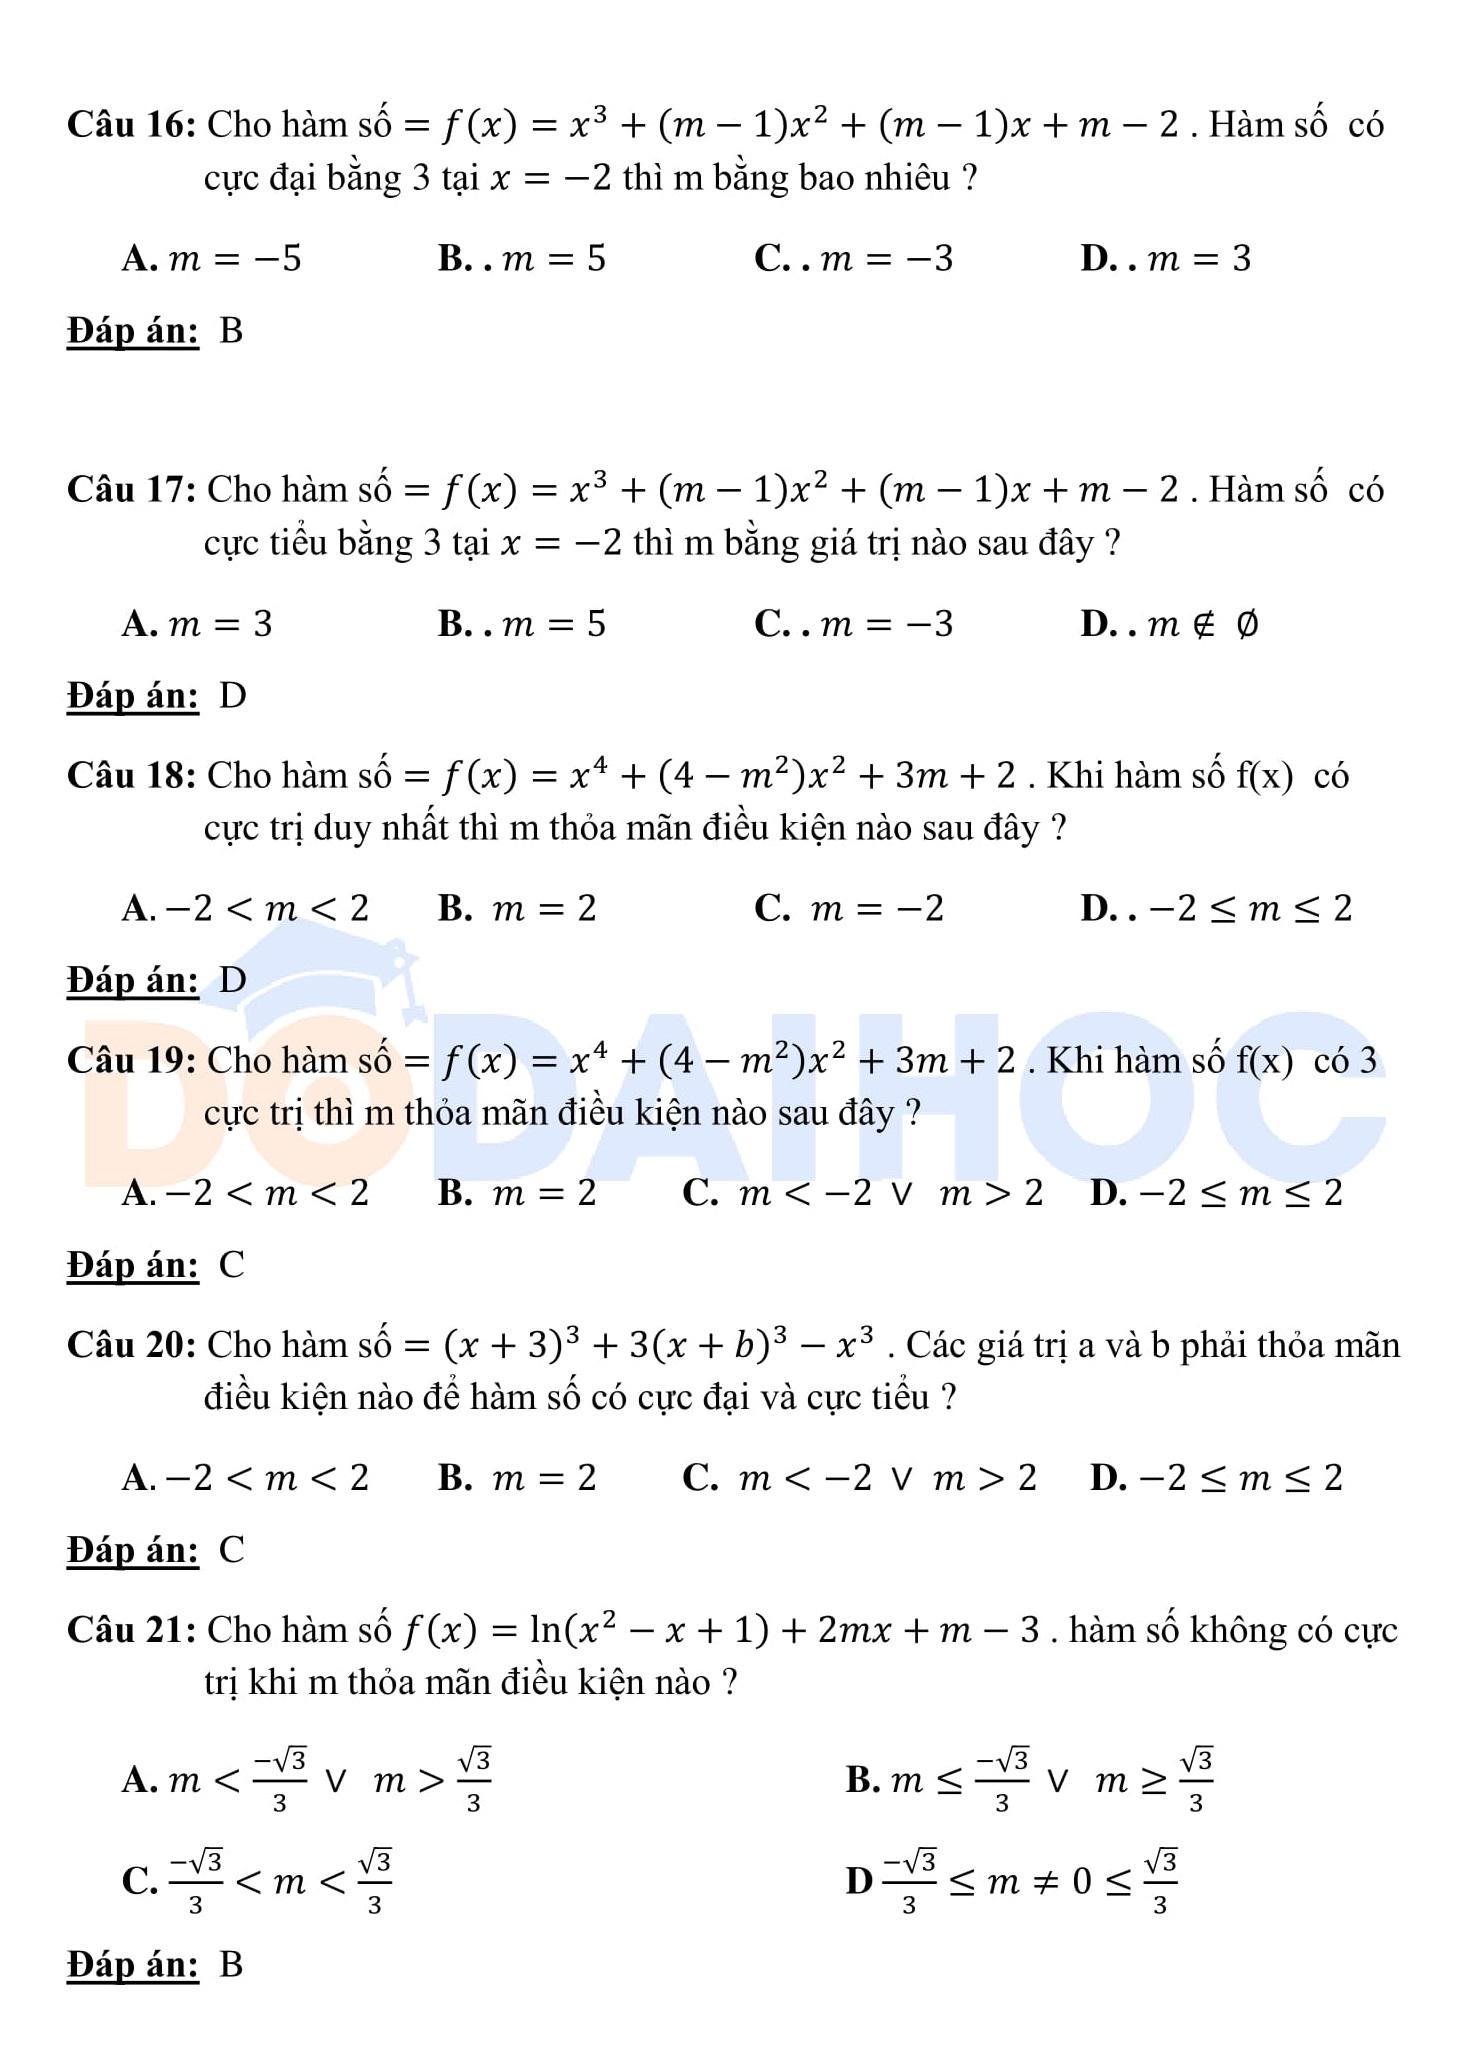 500 Bài tập trắc nghiệm Hàm số được hướng dẫn chi tiết